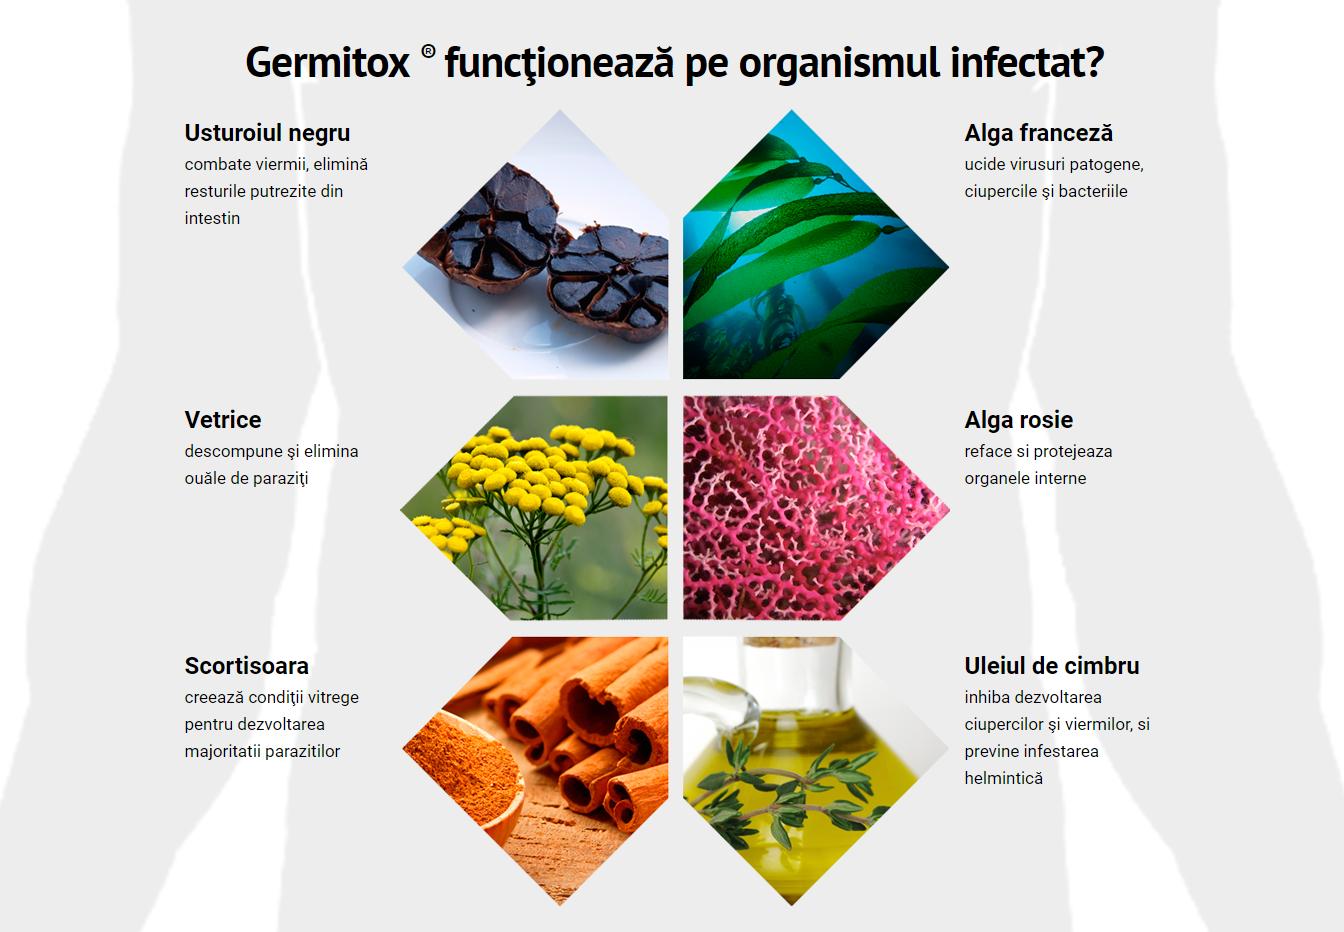 cum de a proteja împotriva paraziților intestinali cancer benign meaning